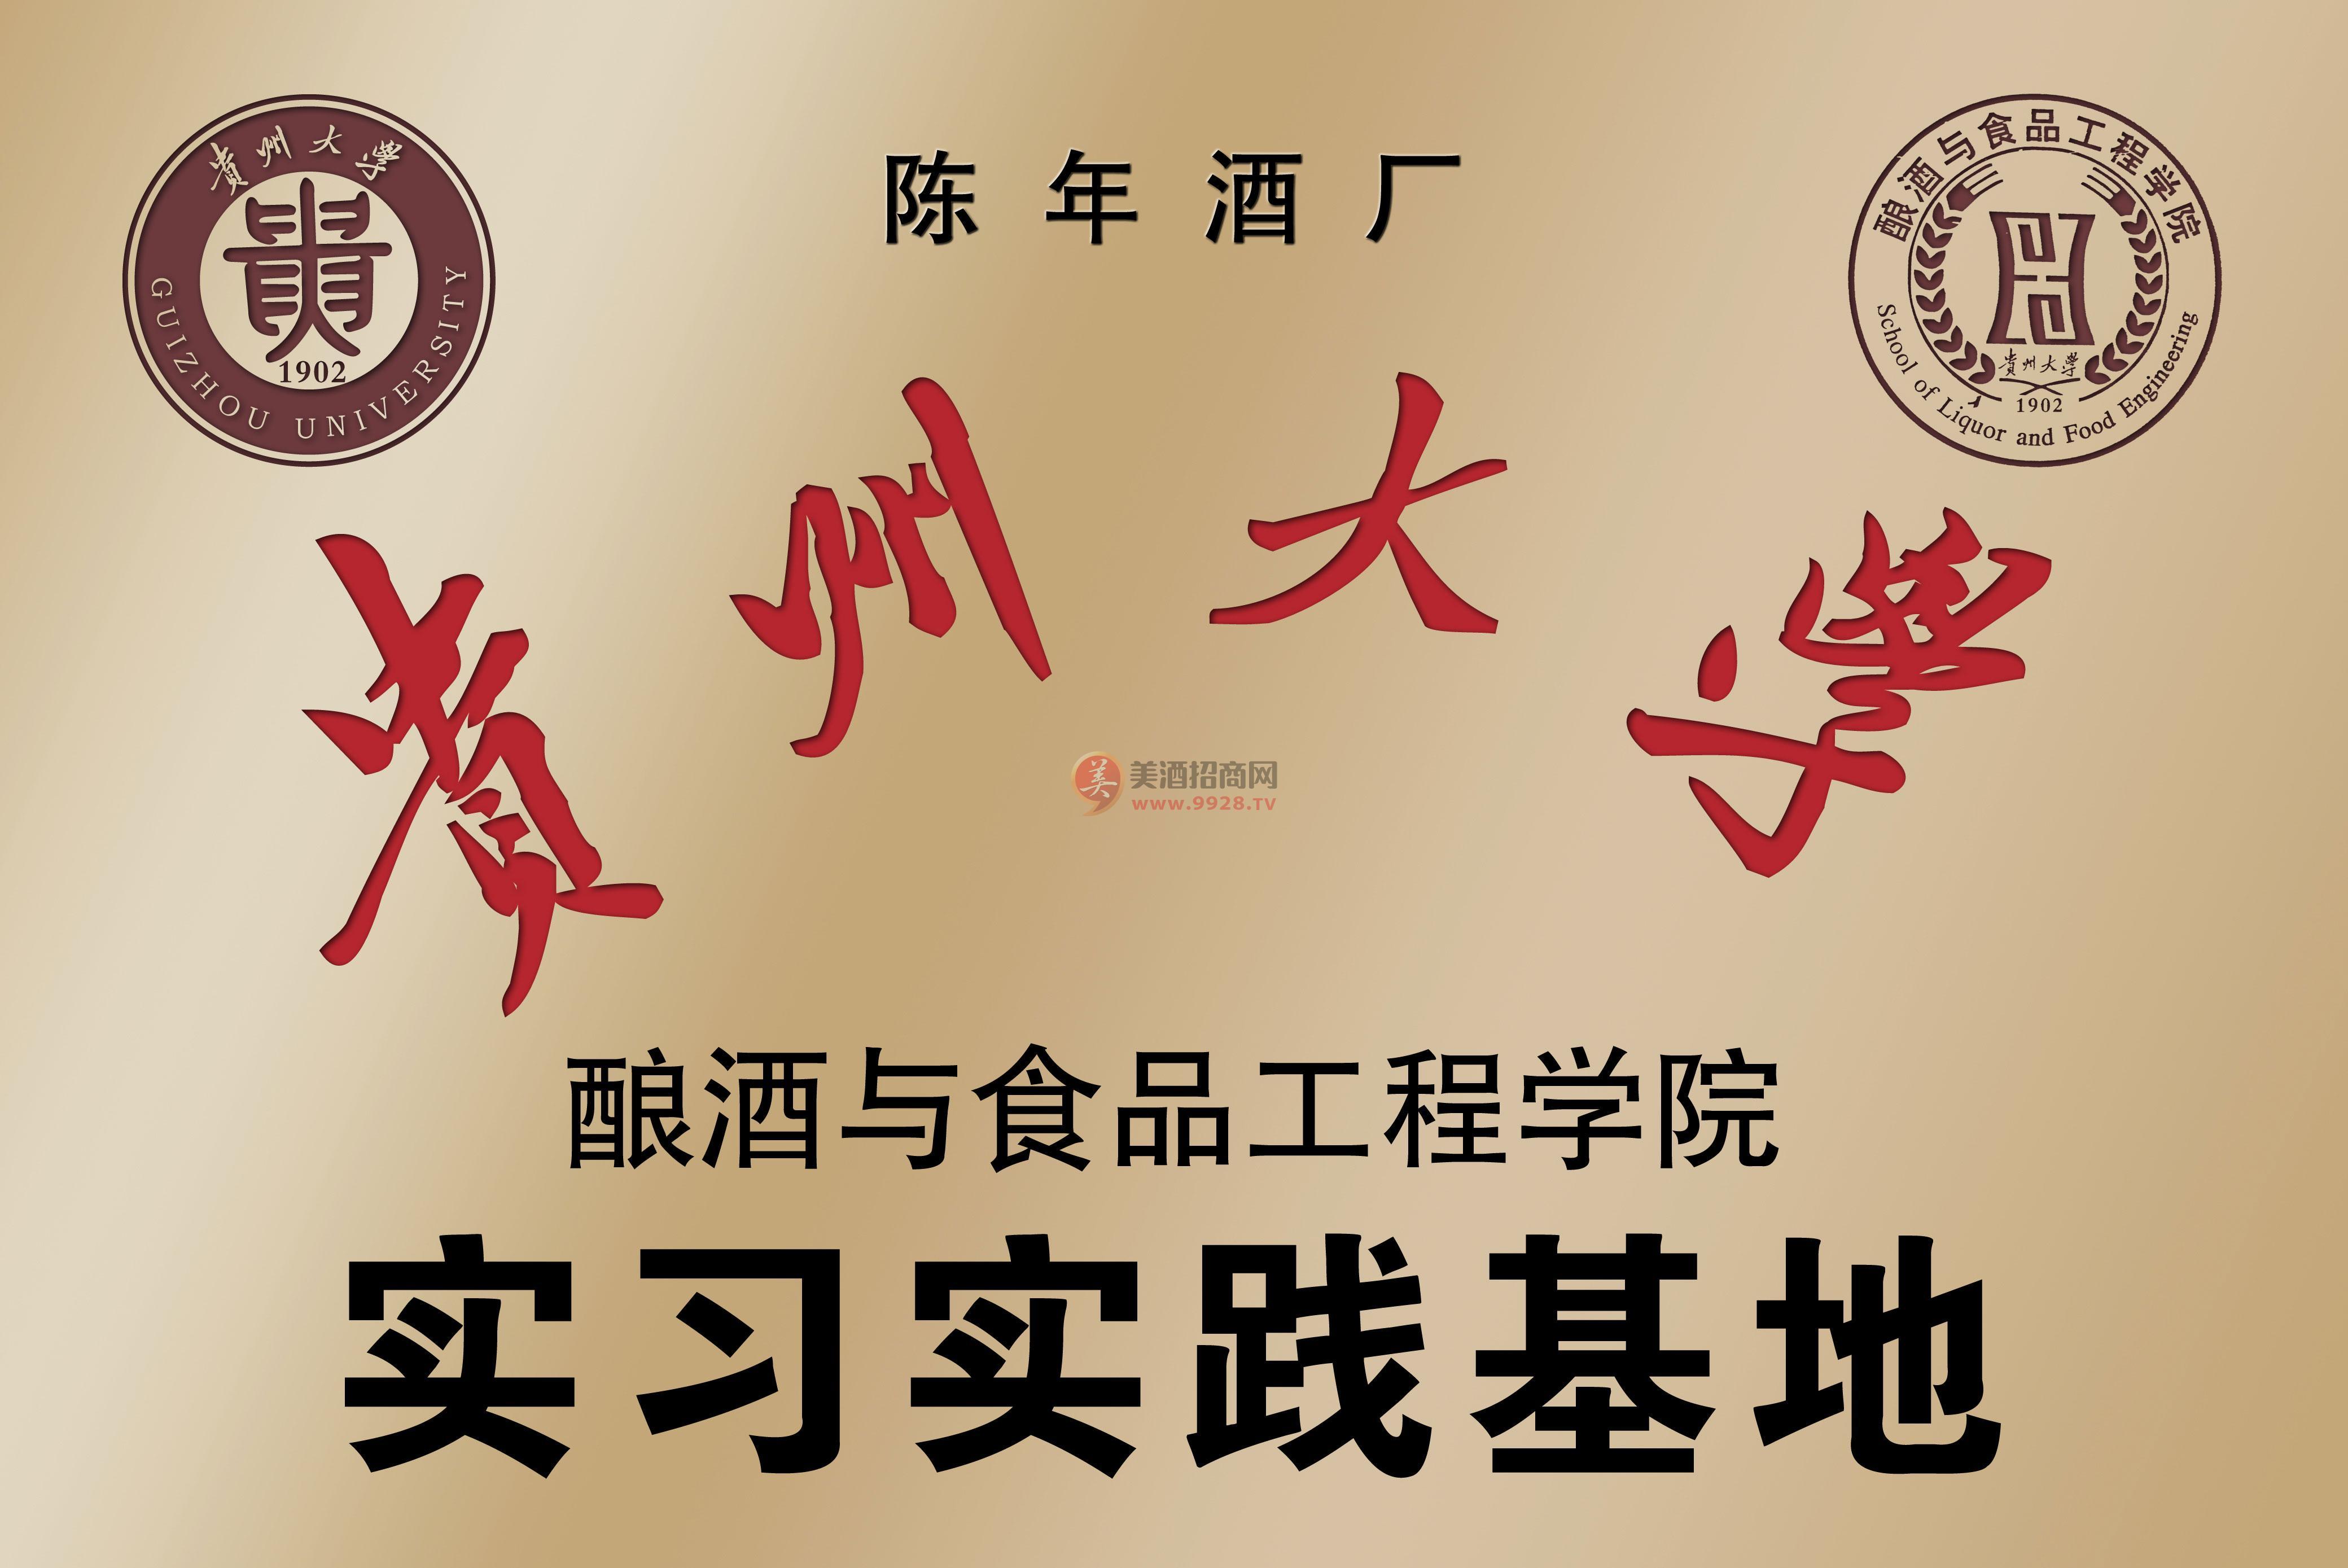 贵州大学酿酒与食品工程学院实习实践基地